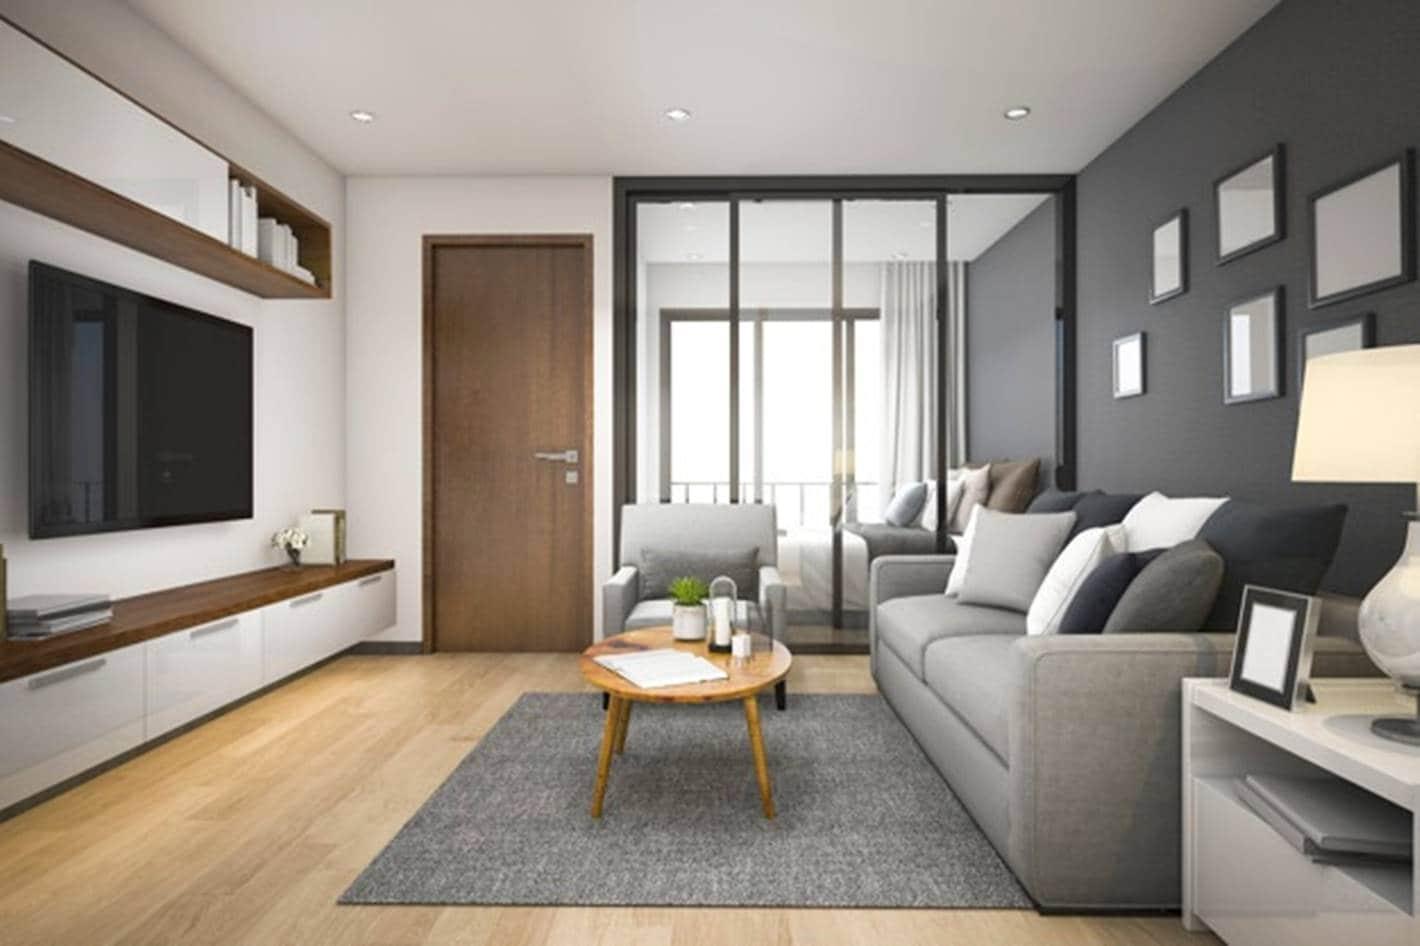 5 soluções caseiras para polir móveis e pisos de madeira